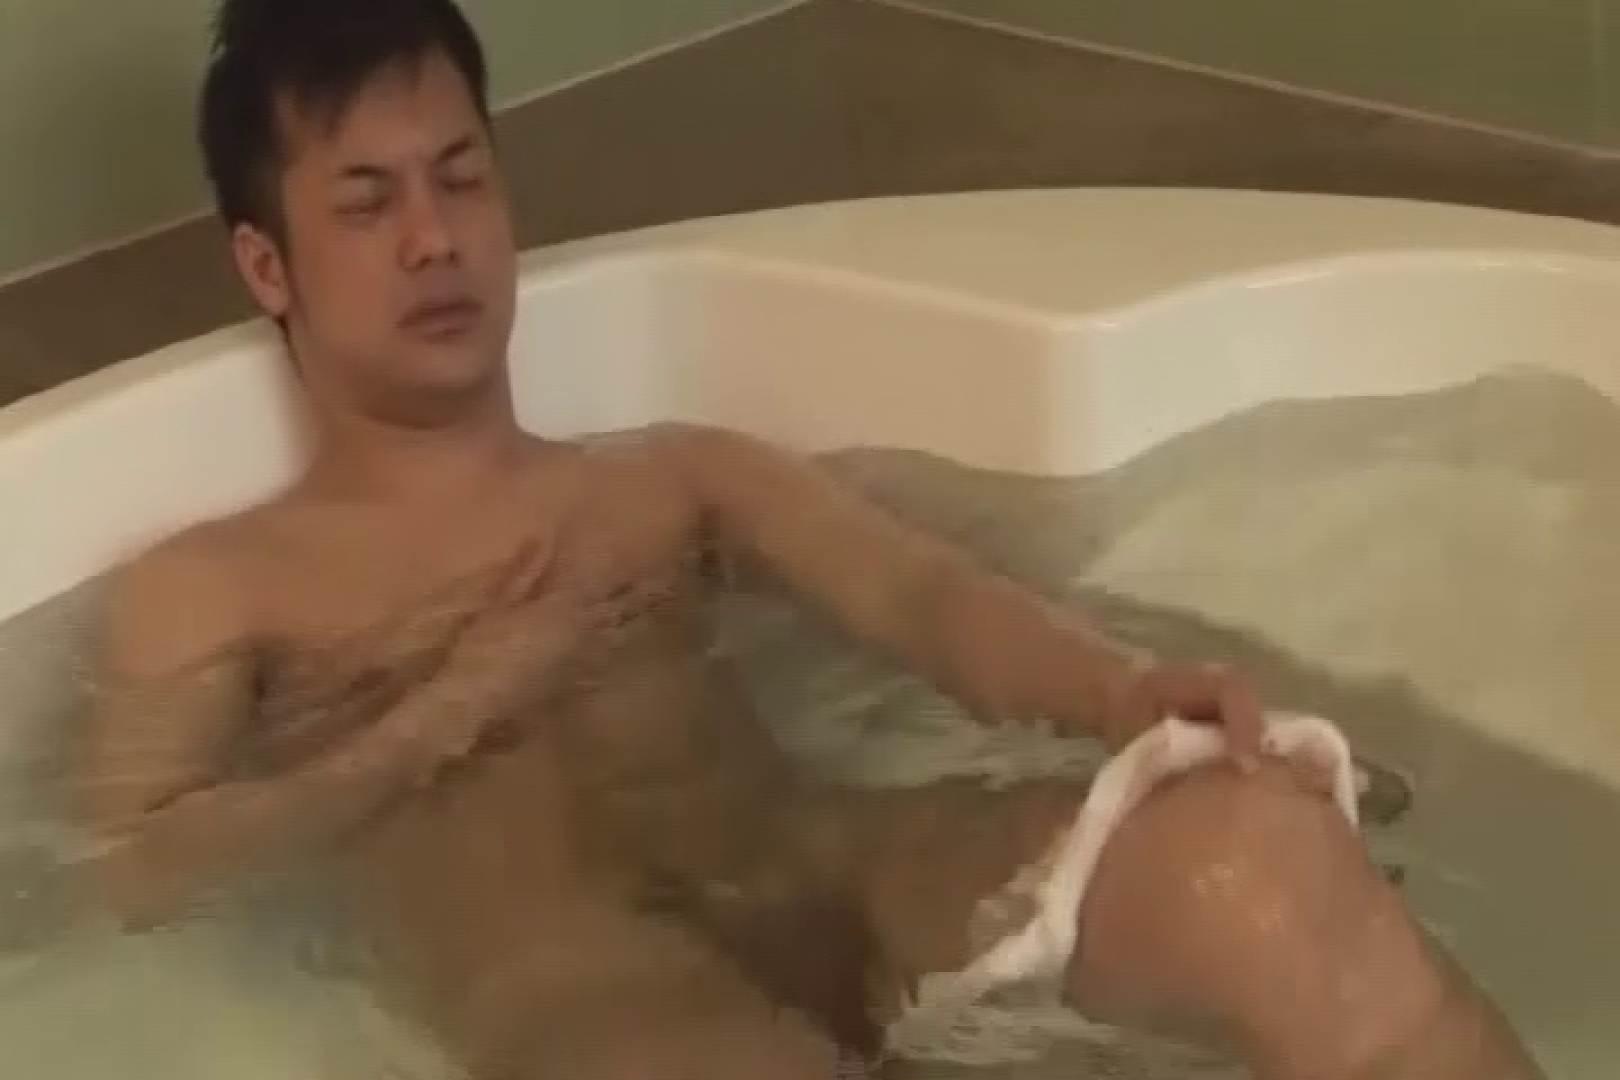 暴れん棒!!雄穴を狙え!! vol.02 入浴・シャワー丸見え ゲイAV画像 88pic 42